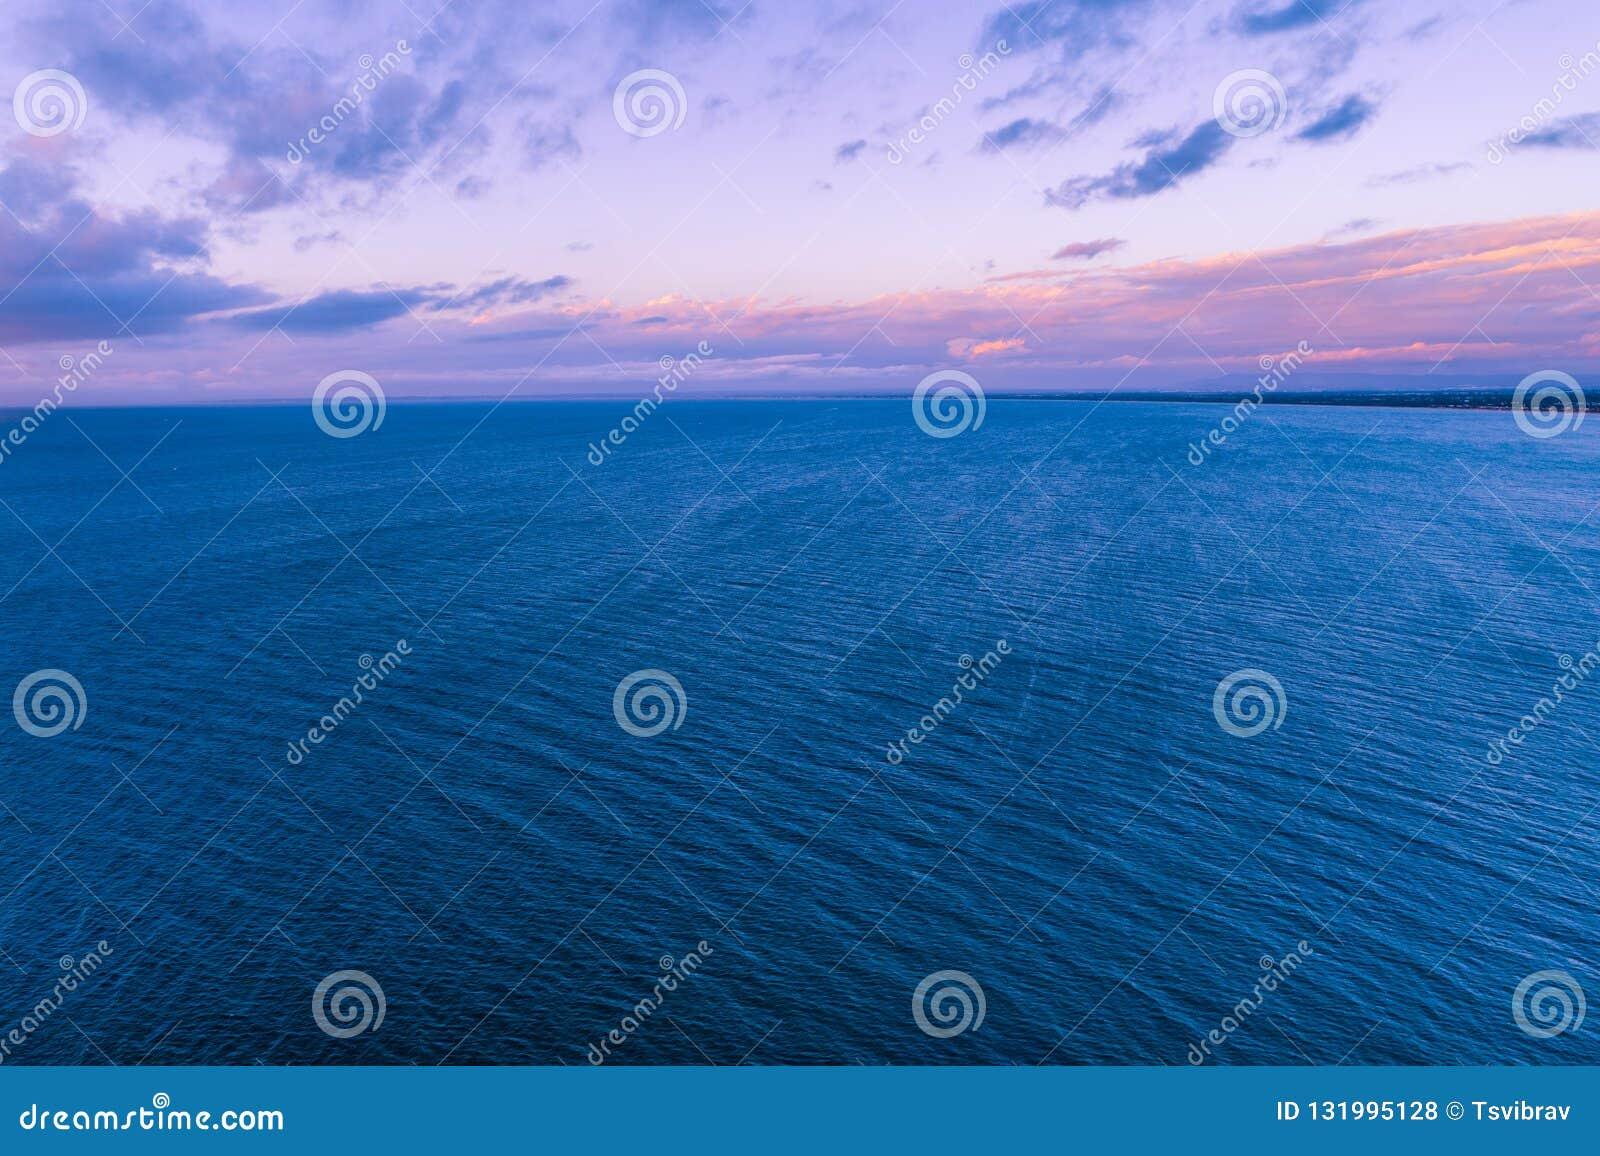 Purpurowy półmrok nad spokojnym oceanem